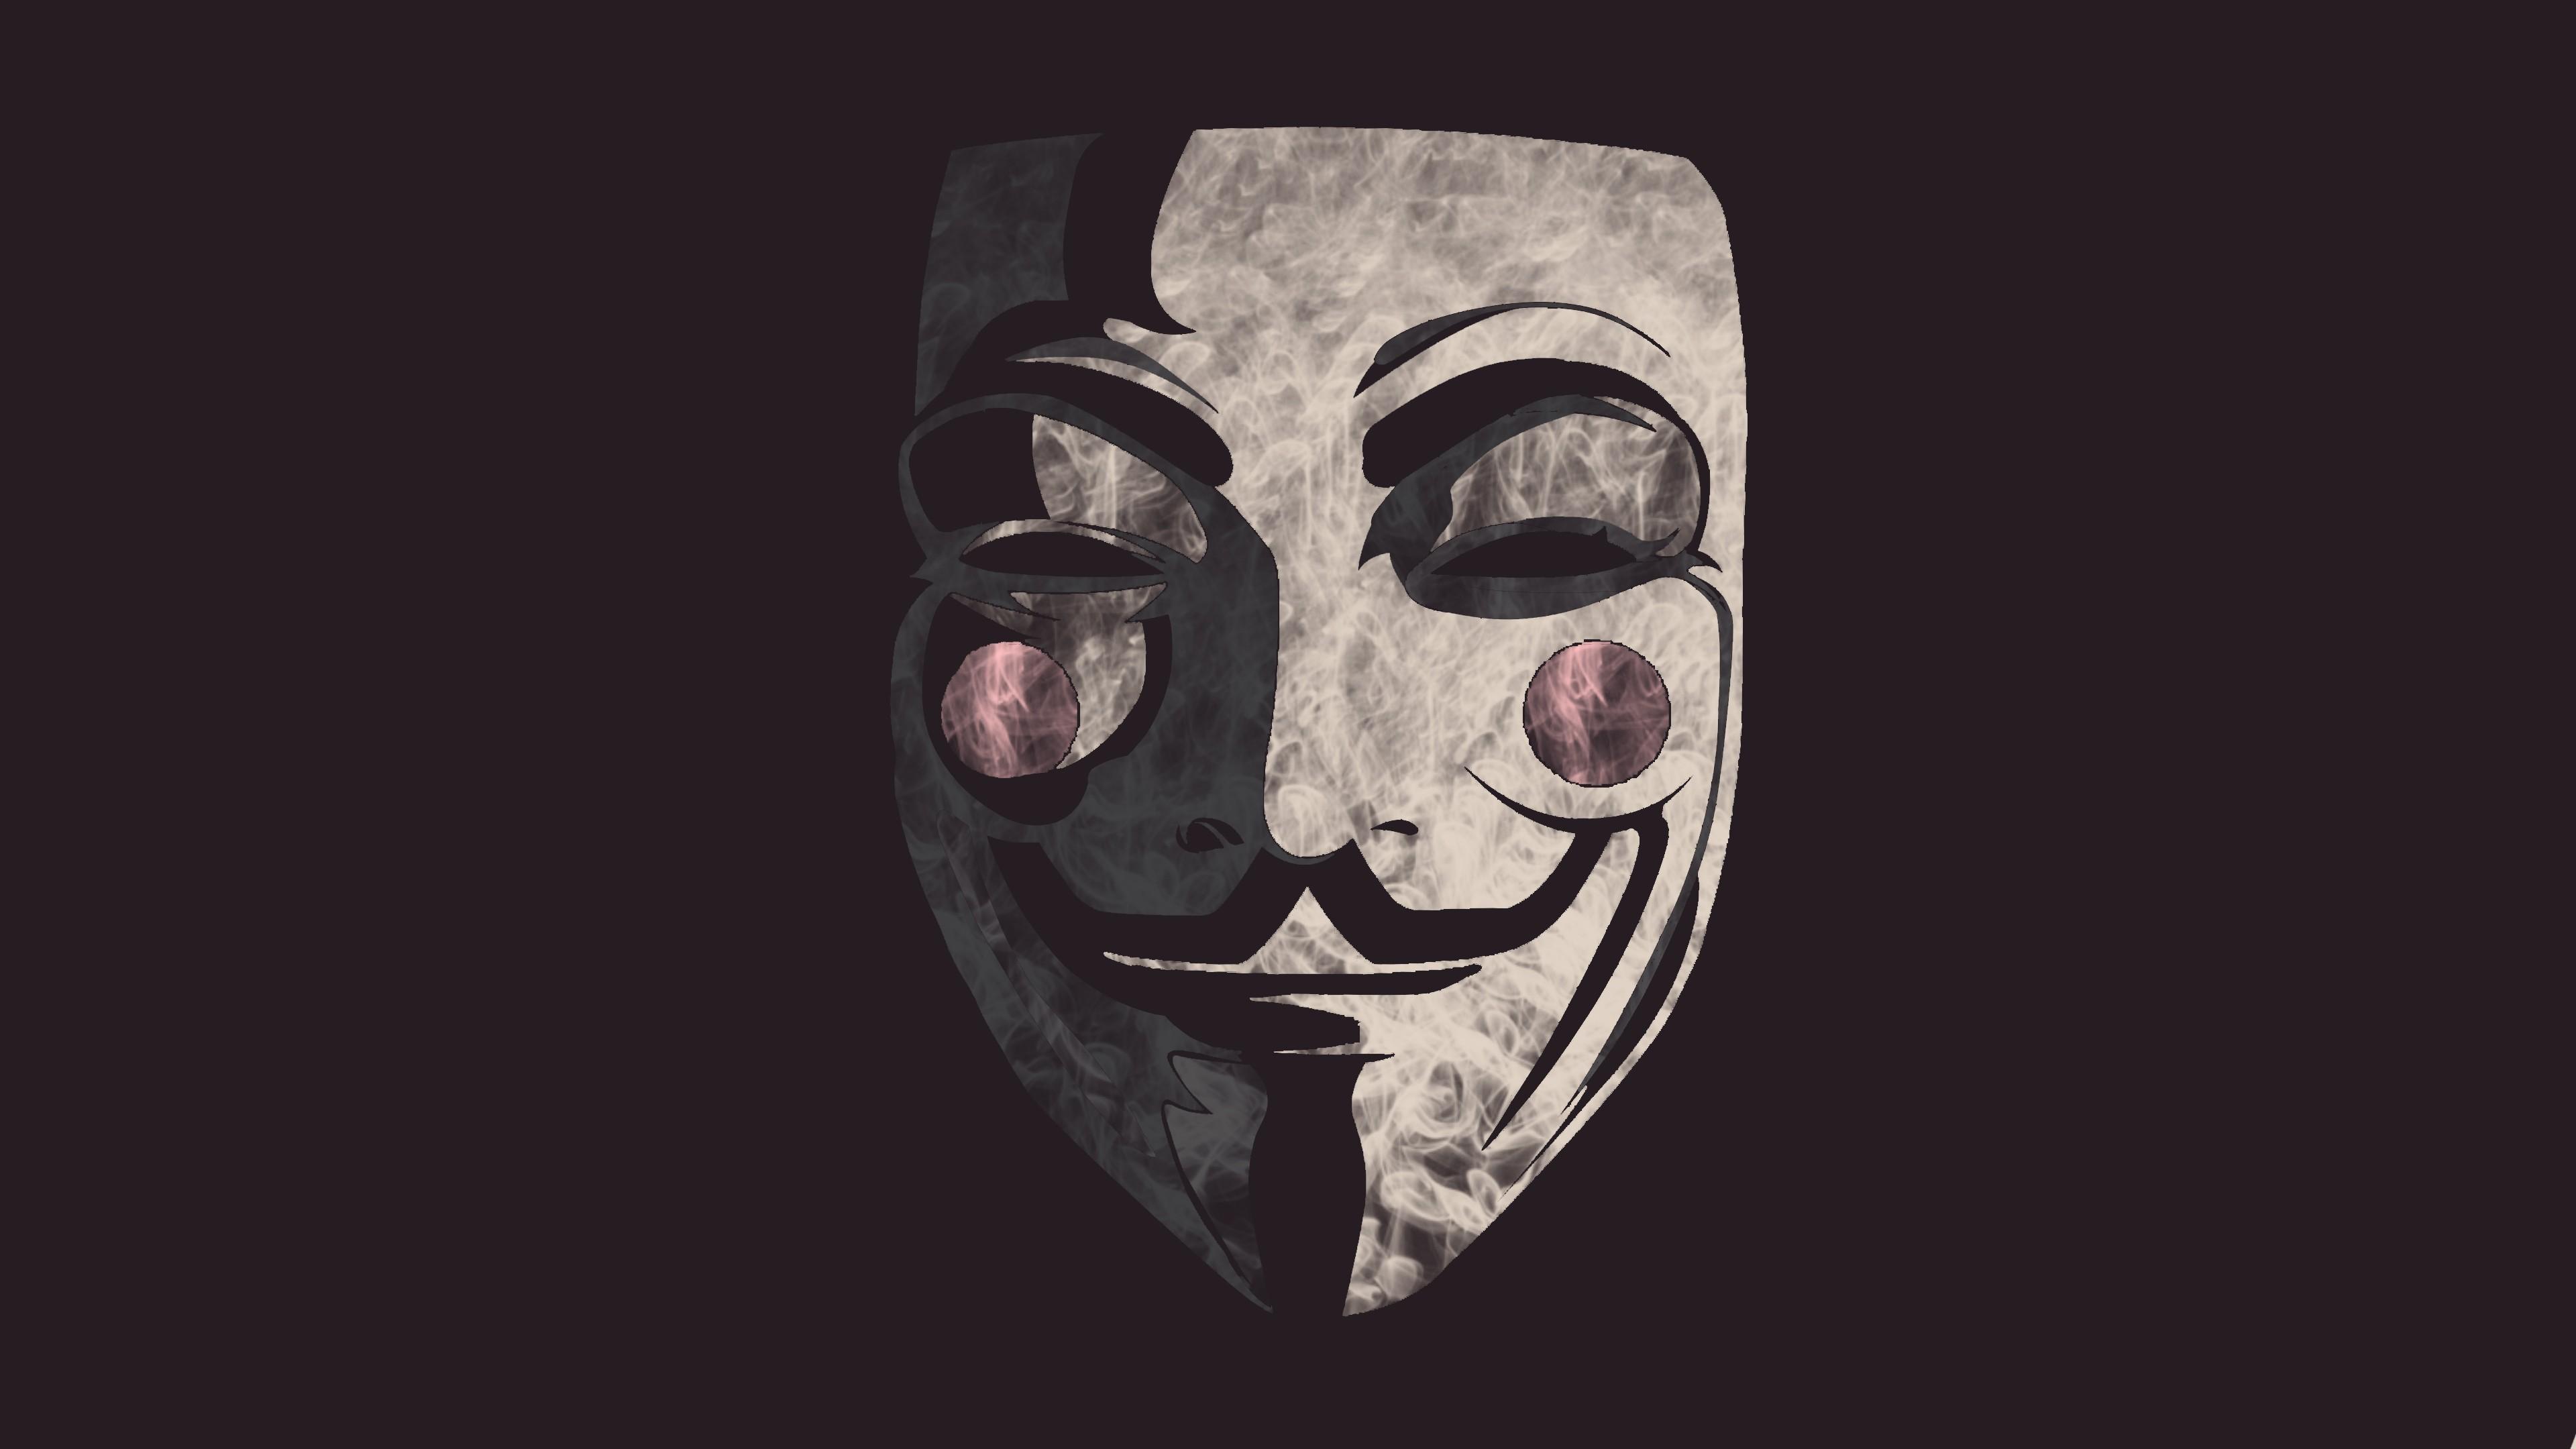 Guy Fawkes Mask Background